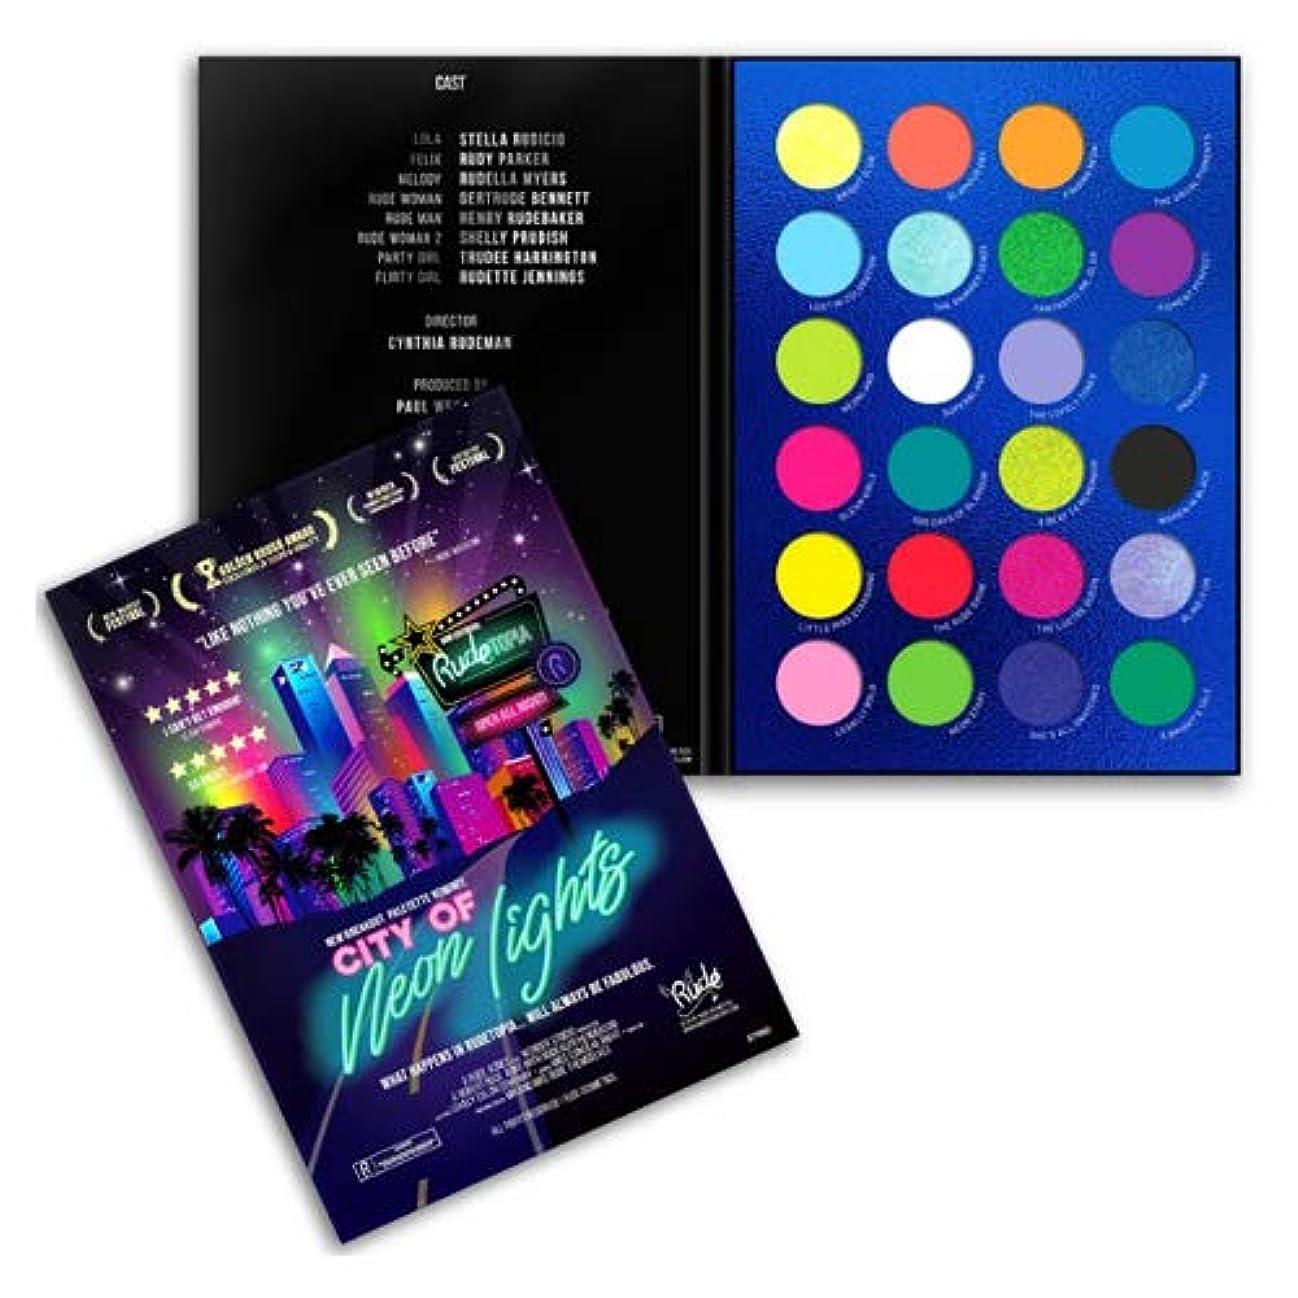 会員代替ブラウズRUDE City of Neon Lights - 24 Vibrant Pigment & Eyeshadow Palette (3 Pack) (並行輸入品)